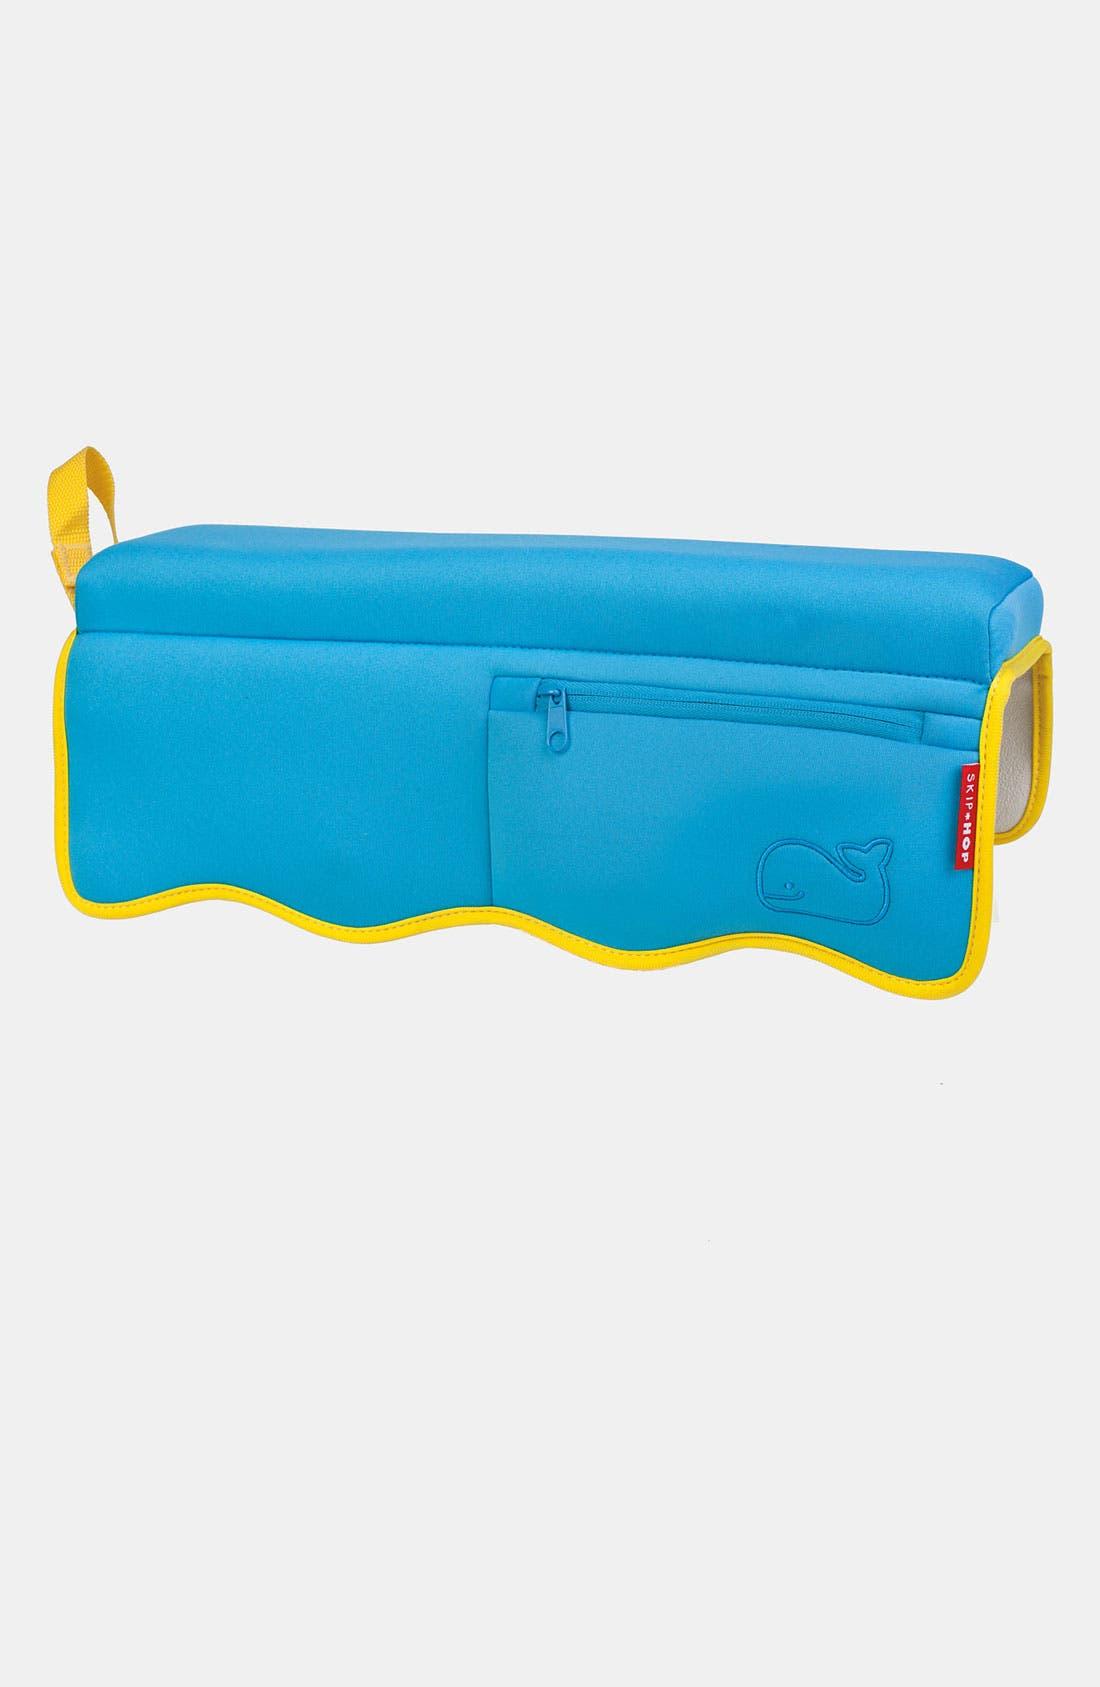 'Moby' Bathtub Elbow Rest,                             Main thumbnail 1, color,                             Blue